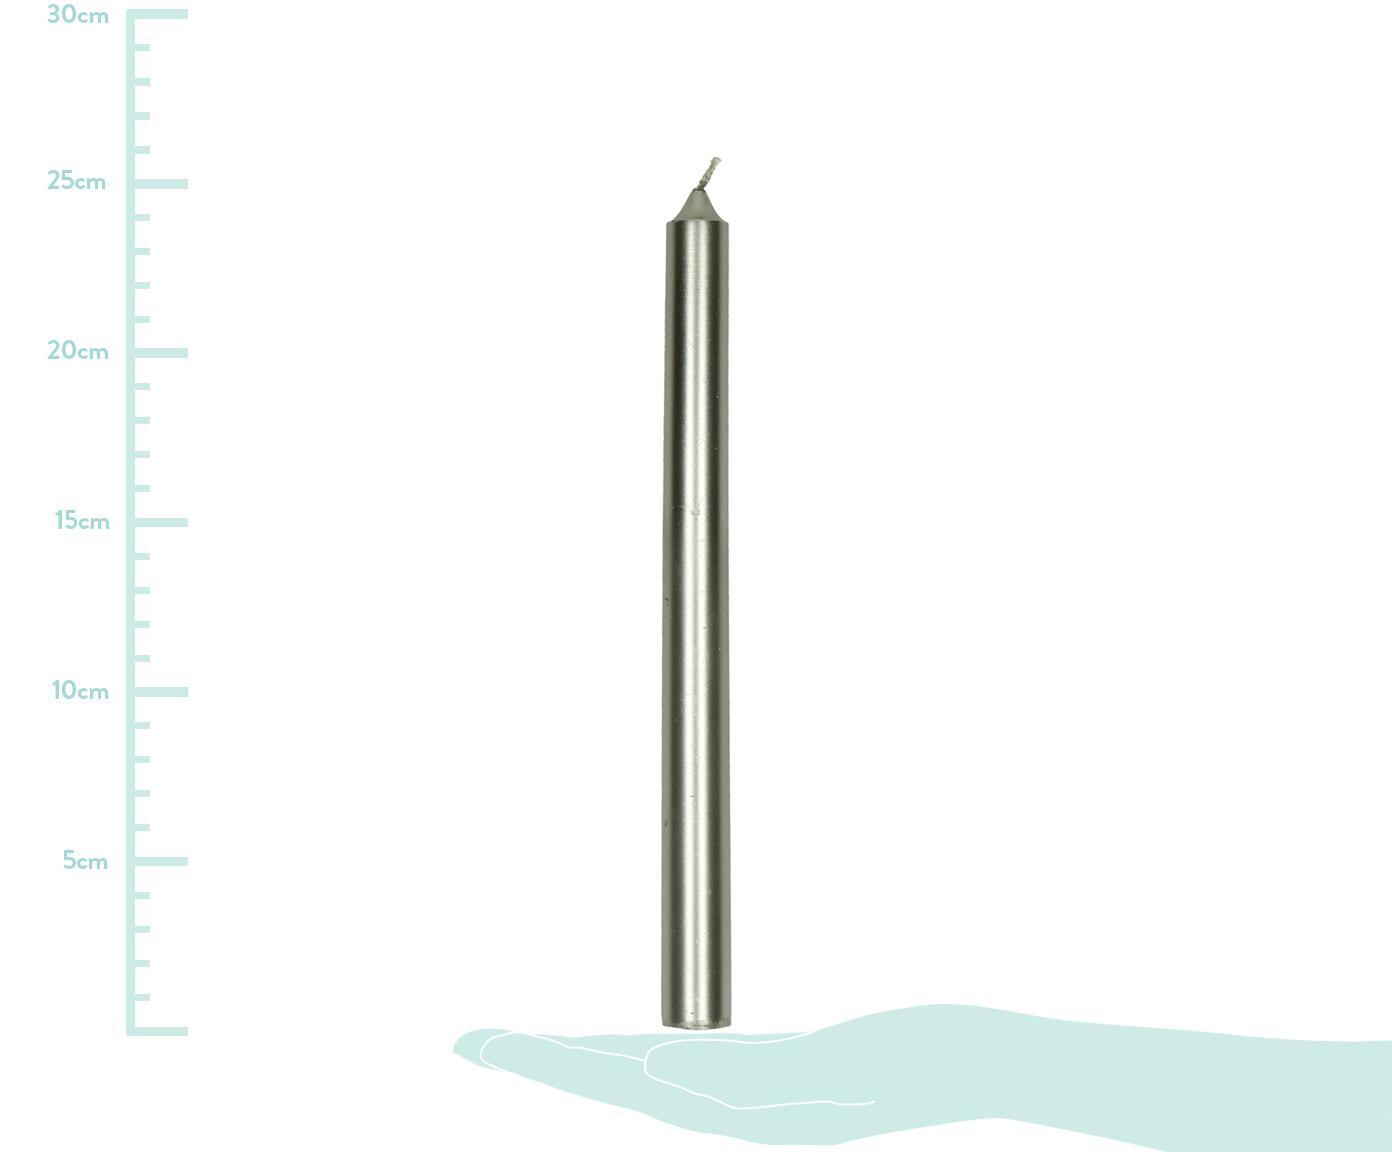 Świeca stołowa Ignis, 2 szt., Parafina, Odcienie srebrnego, Ø 2 x W 25 cm